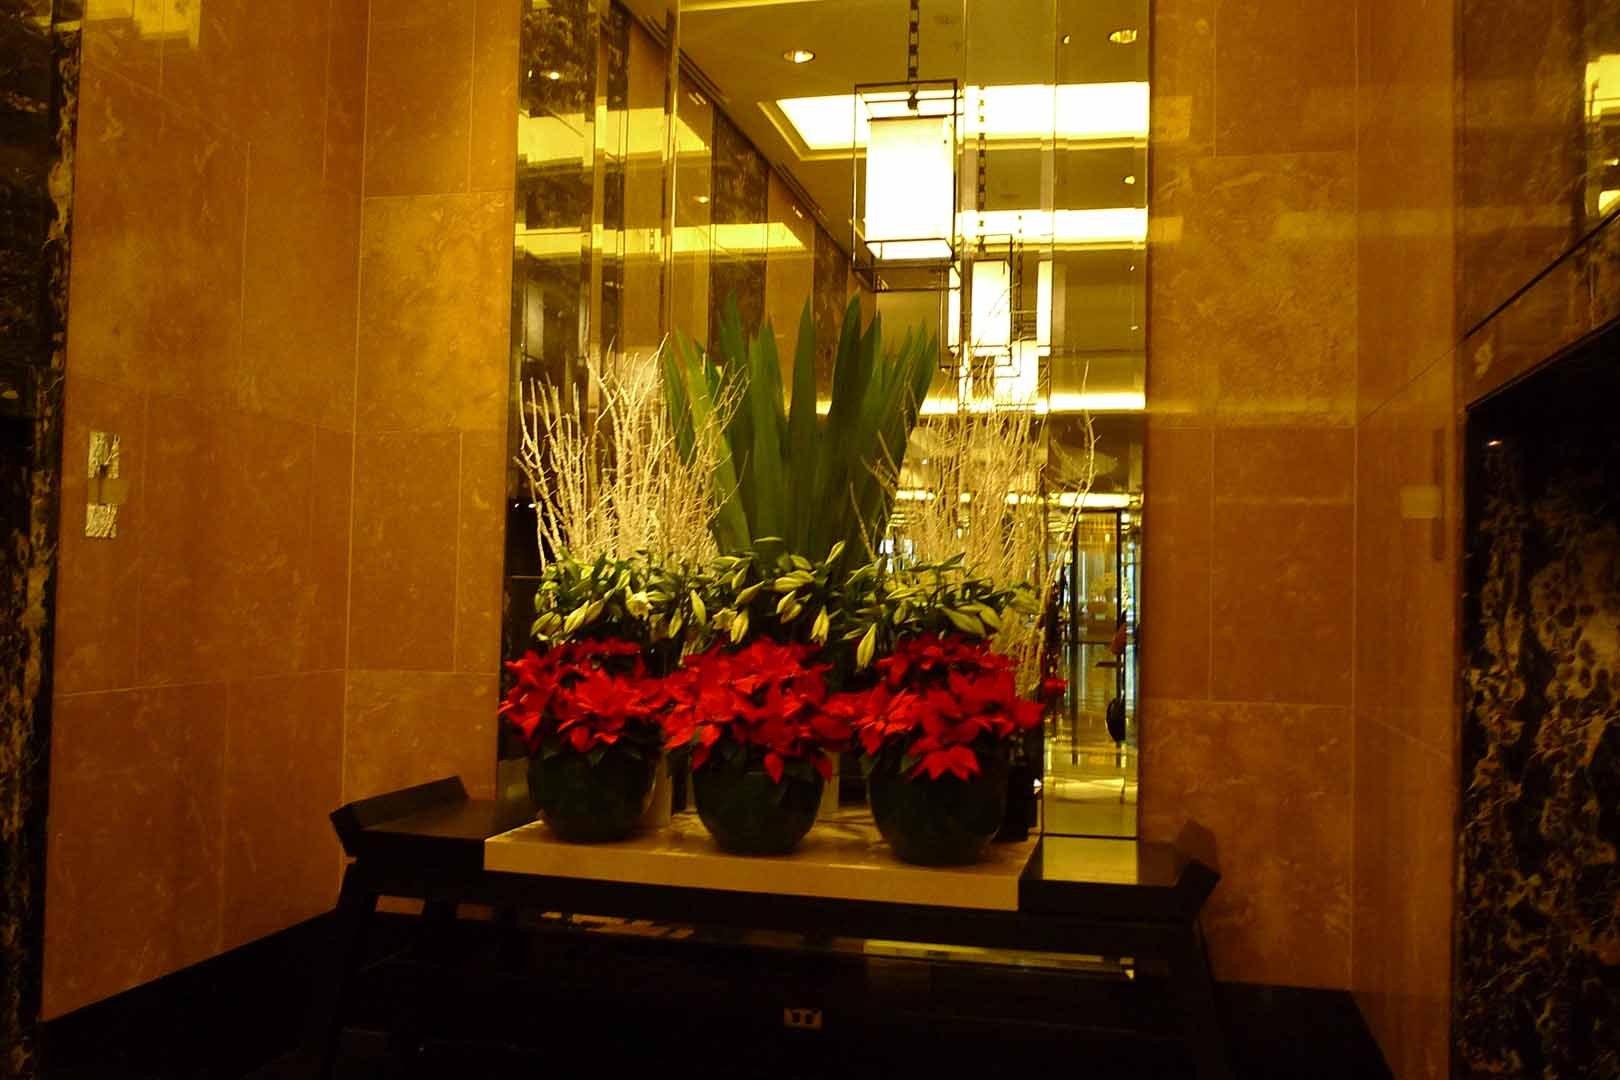 Melbourne_Hotels_Slideshow_013